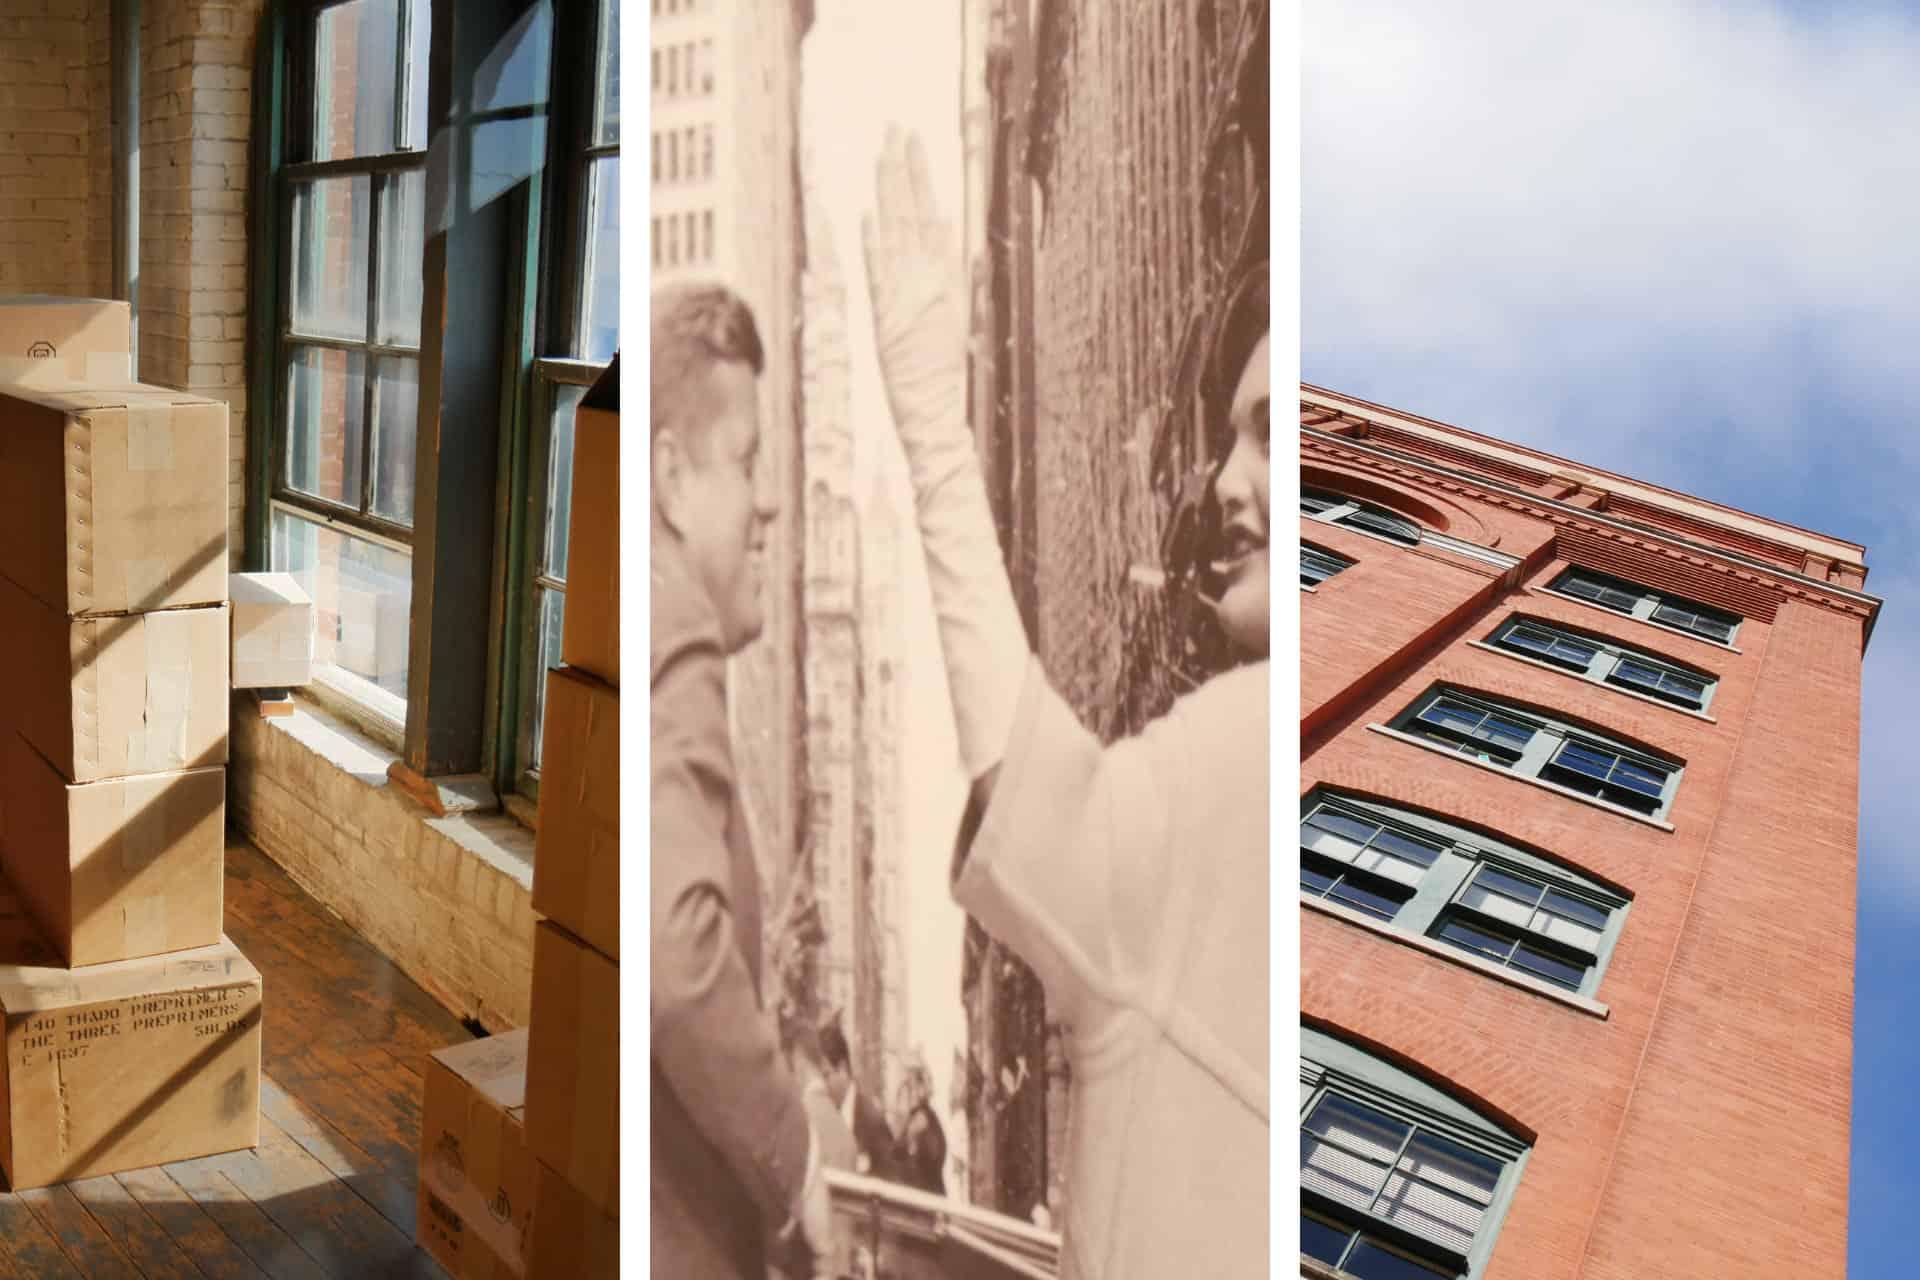 Sixth Floor Museum at Dealey Plaza Review (Dallas): An In-Depth Walk Through via @allamericanatlas